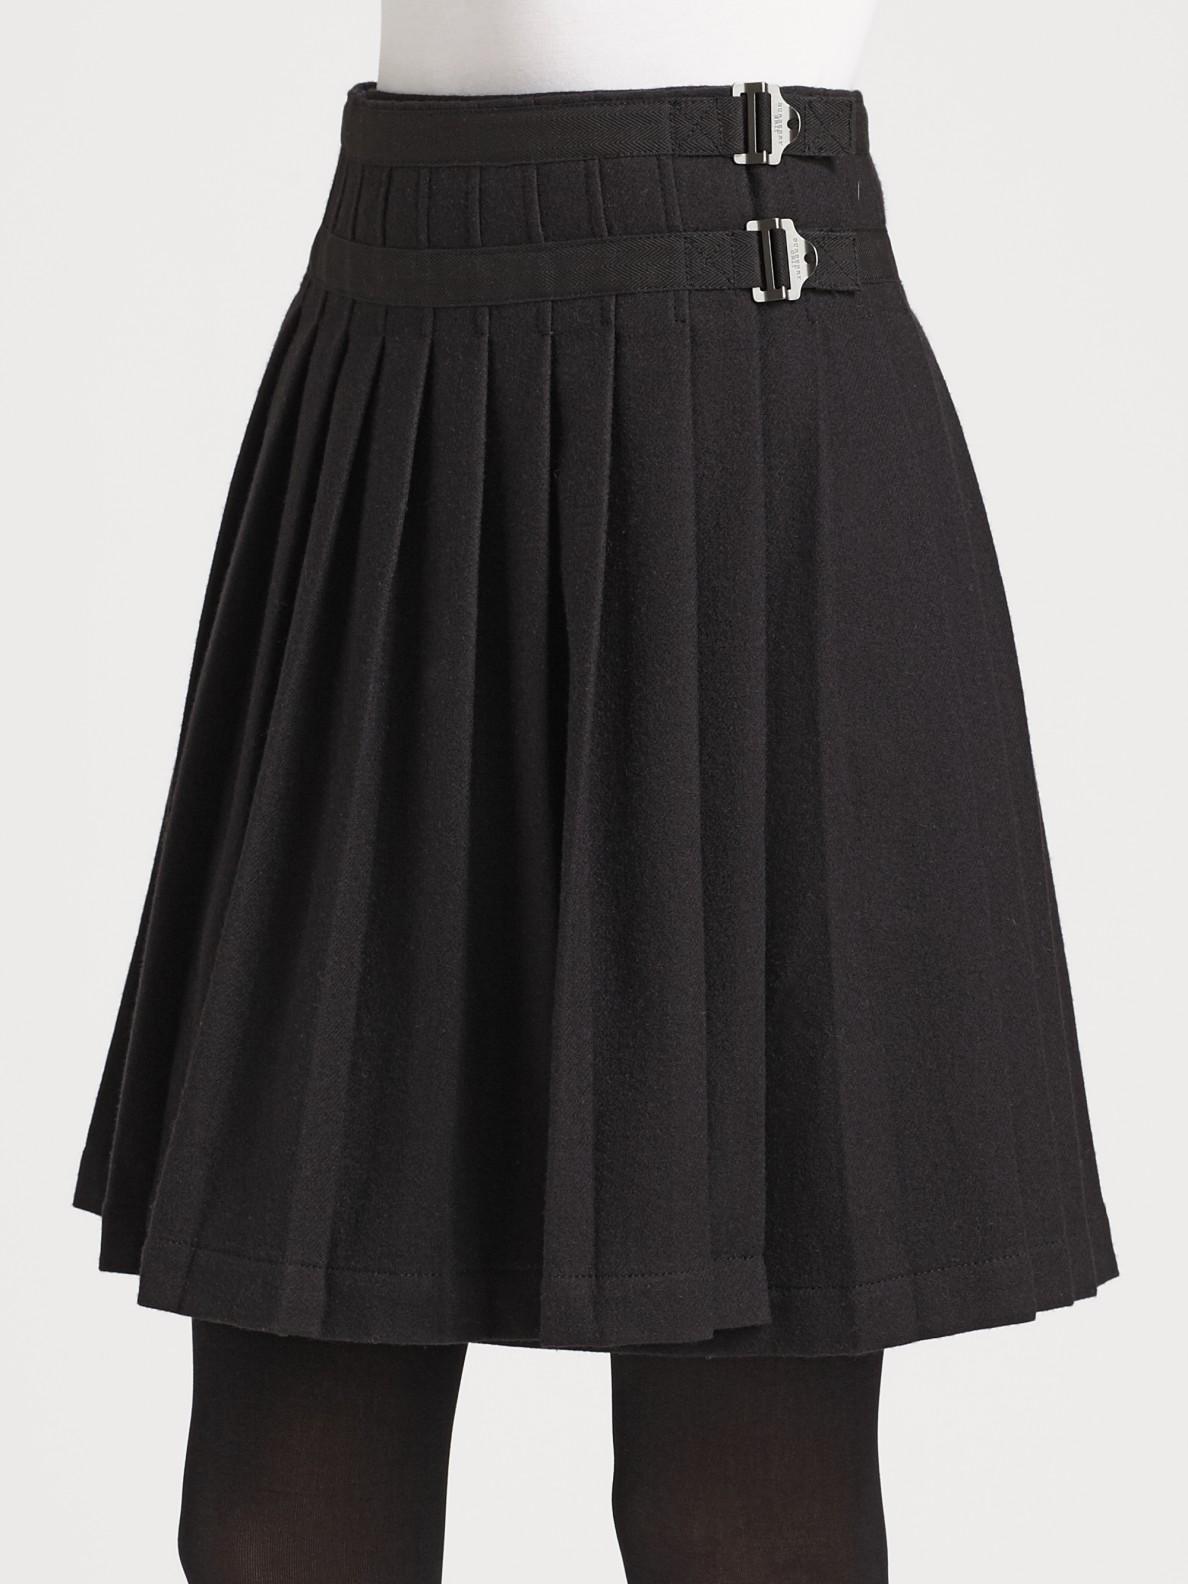 Burberry brit Pleated Kilt Skirt in Black | Lyst